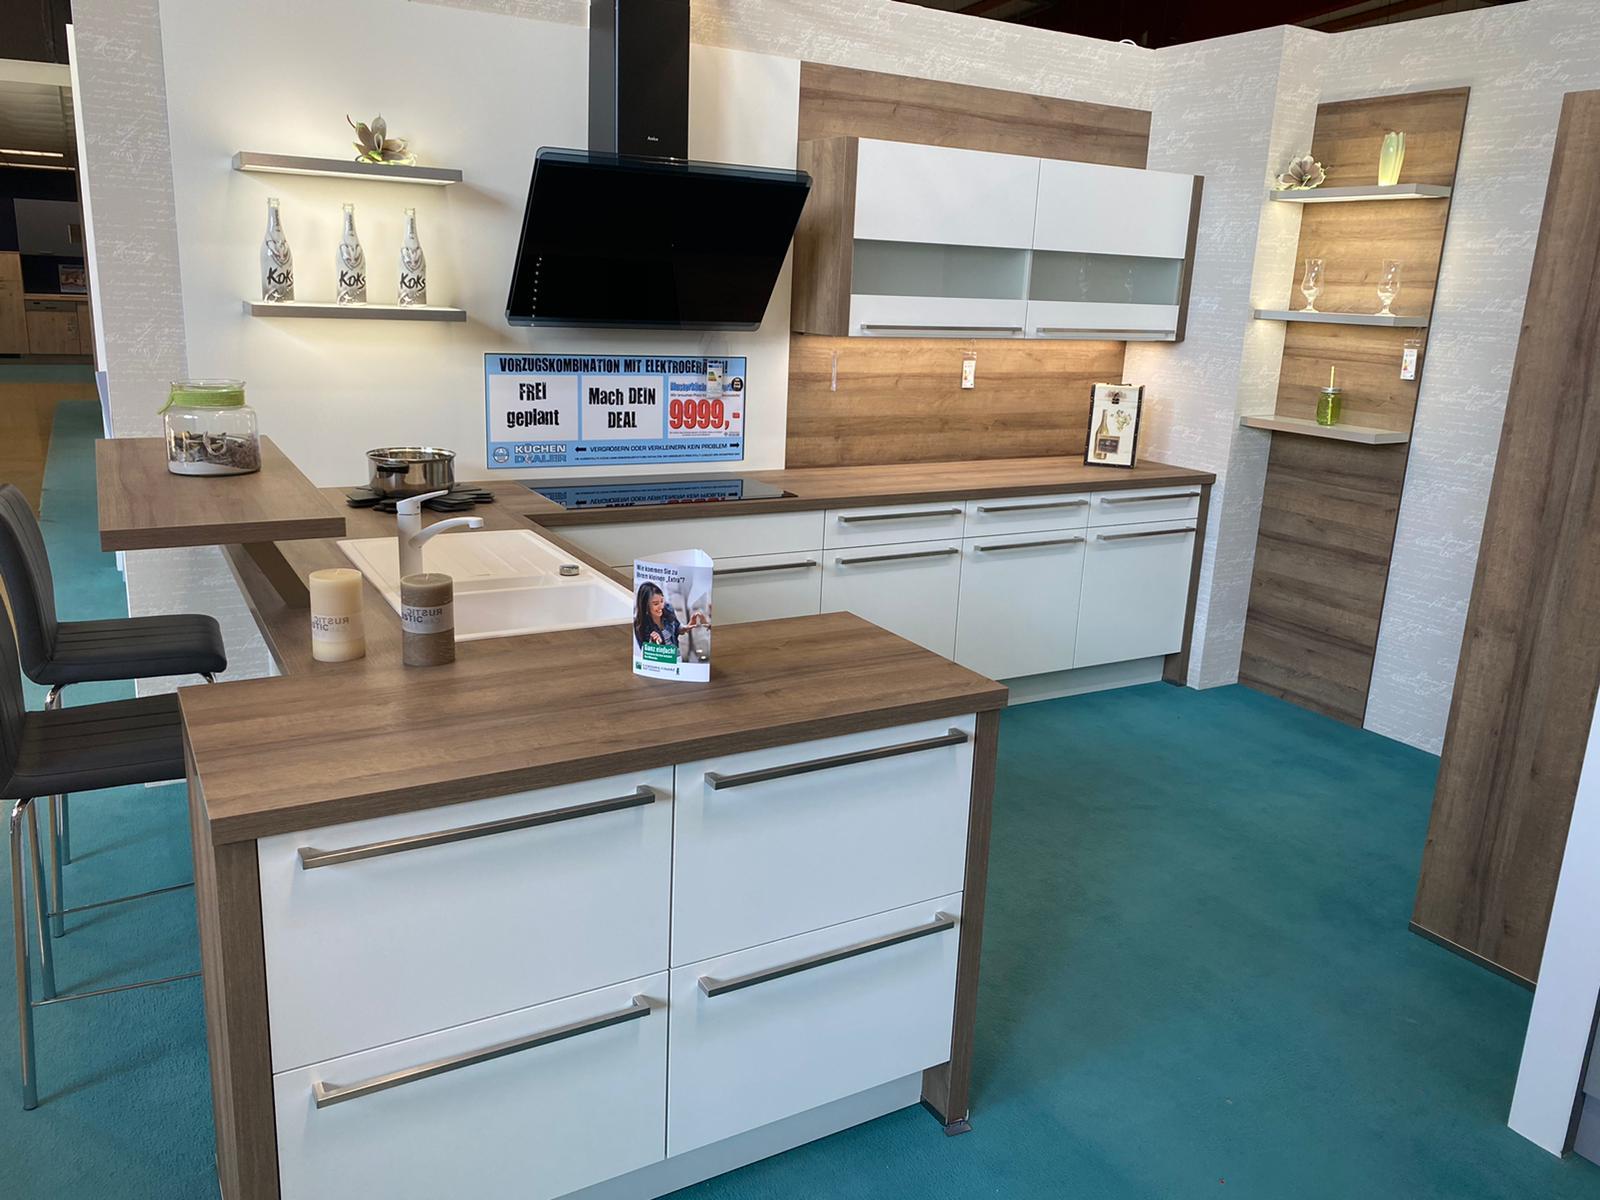 Abverkauf Einbauküche Yaspis / Küche mit E-Geräten Top Deal Koje 26